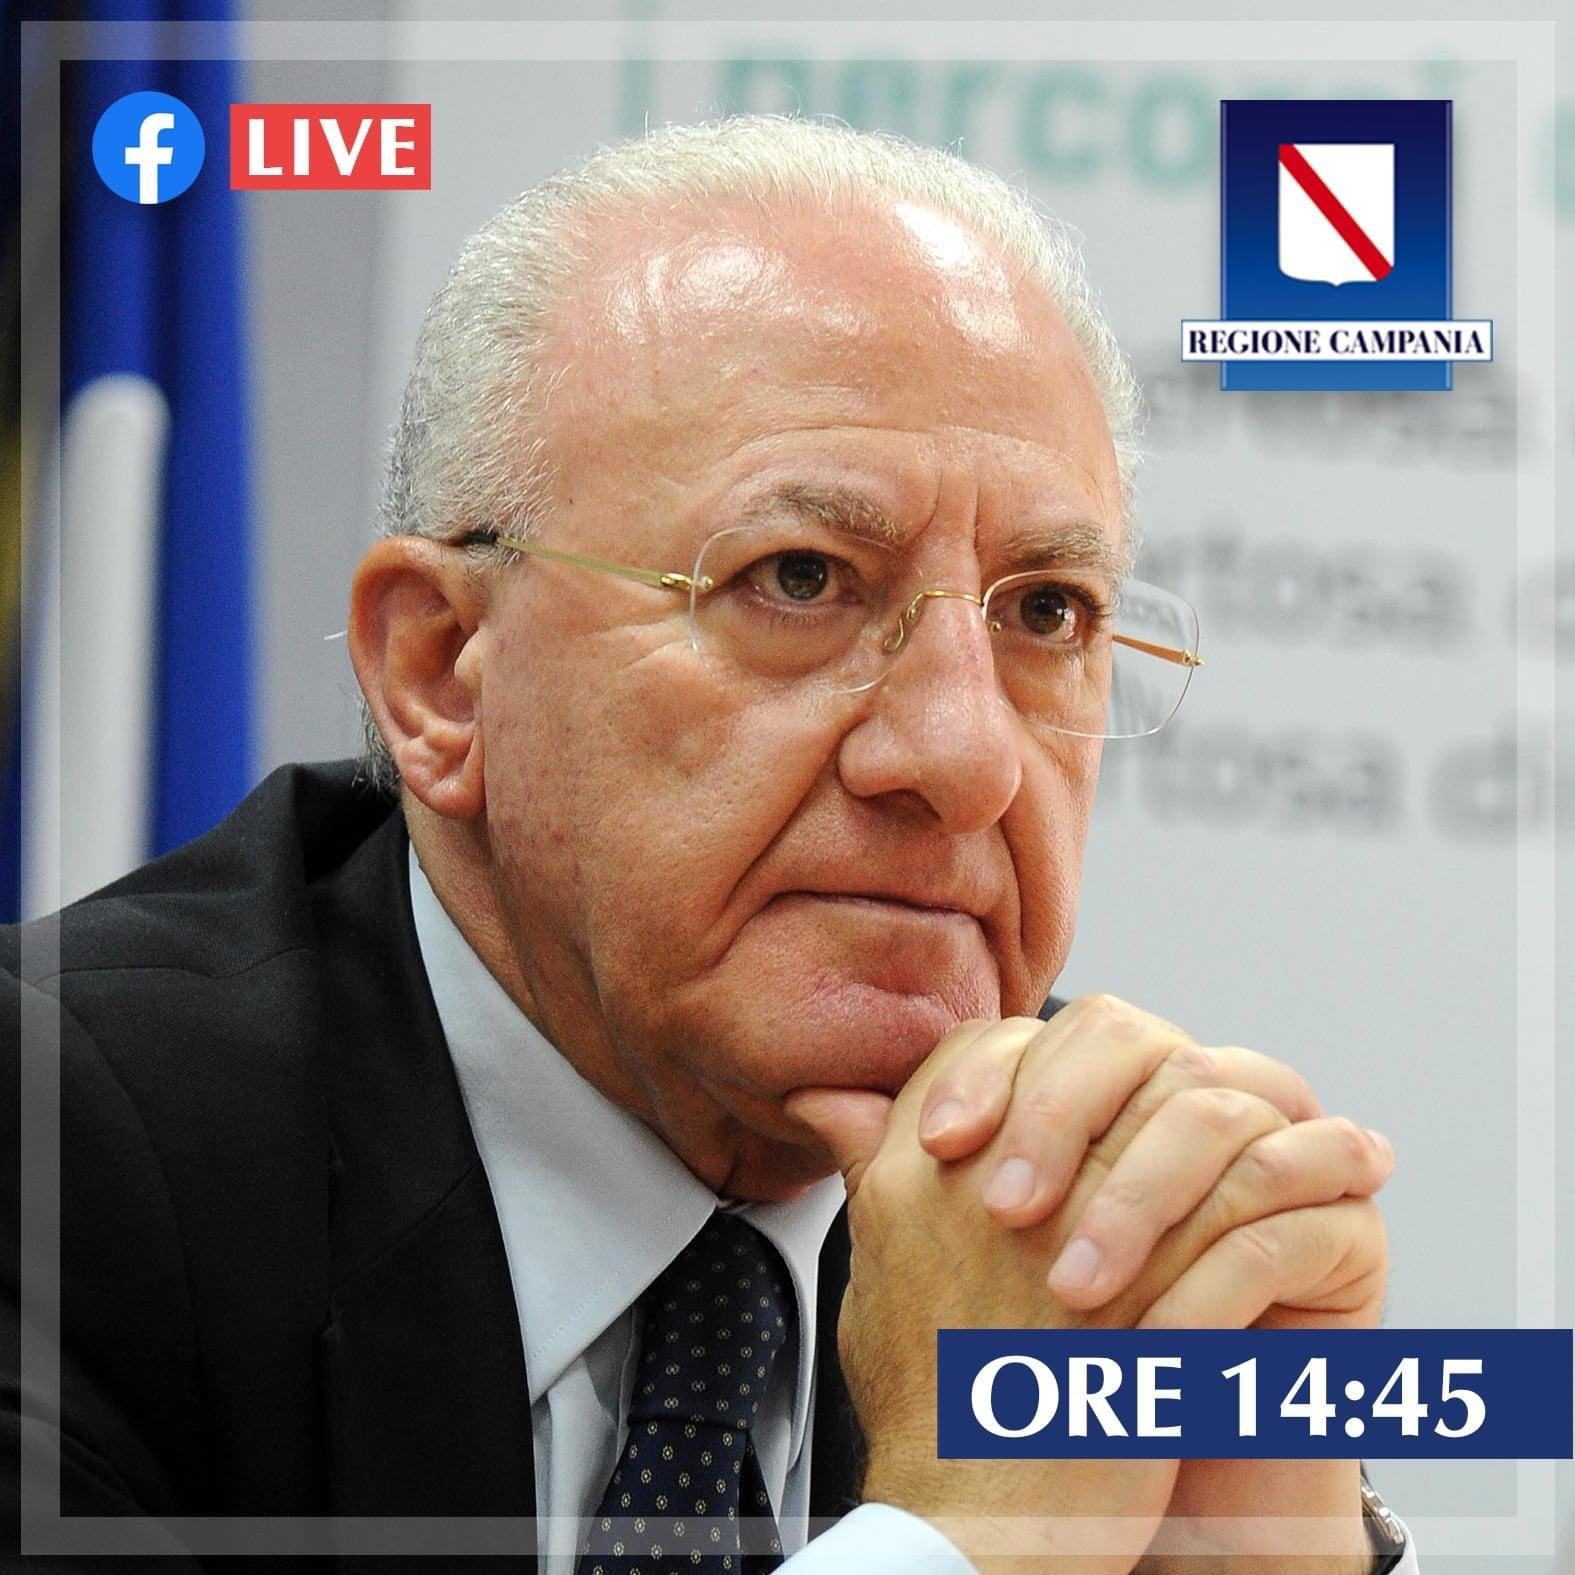 Il governatore della Campania Vincenzo De Luca su Facebook.